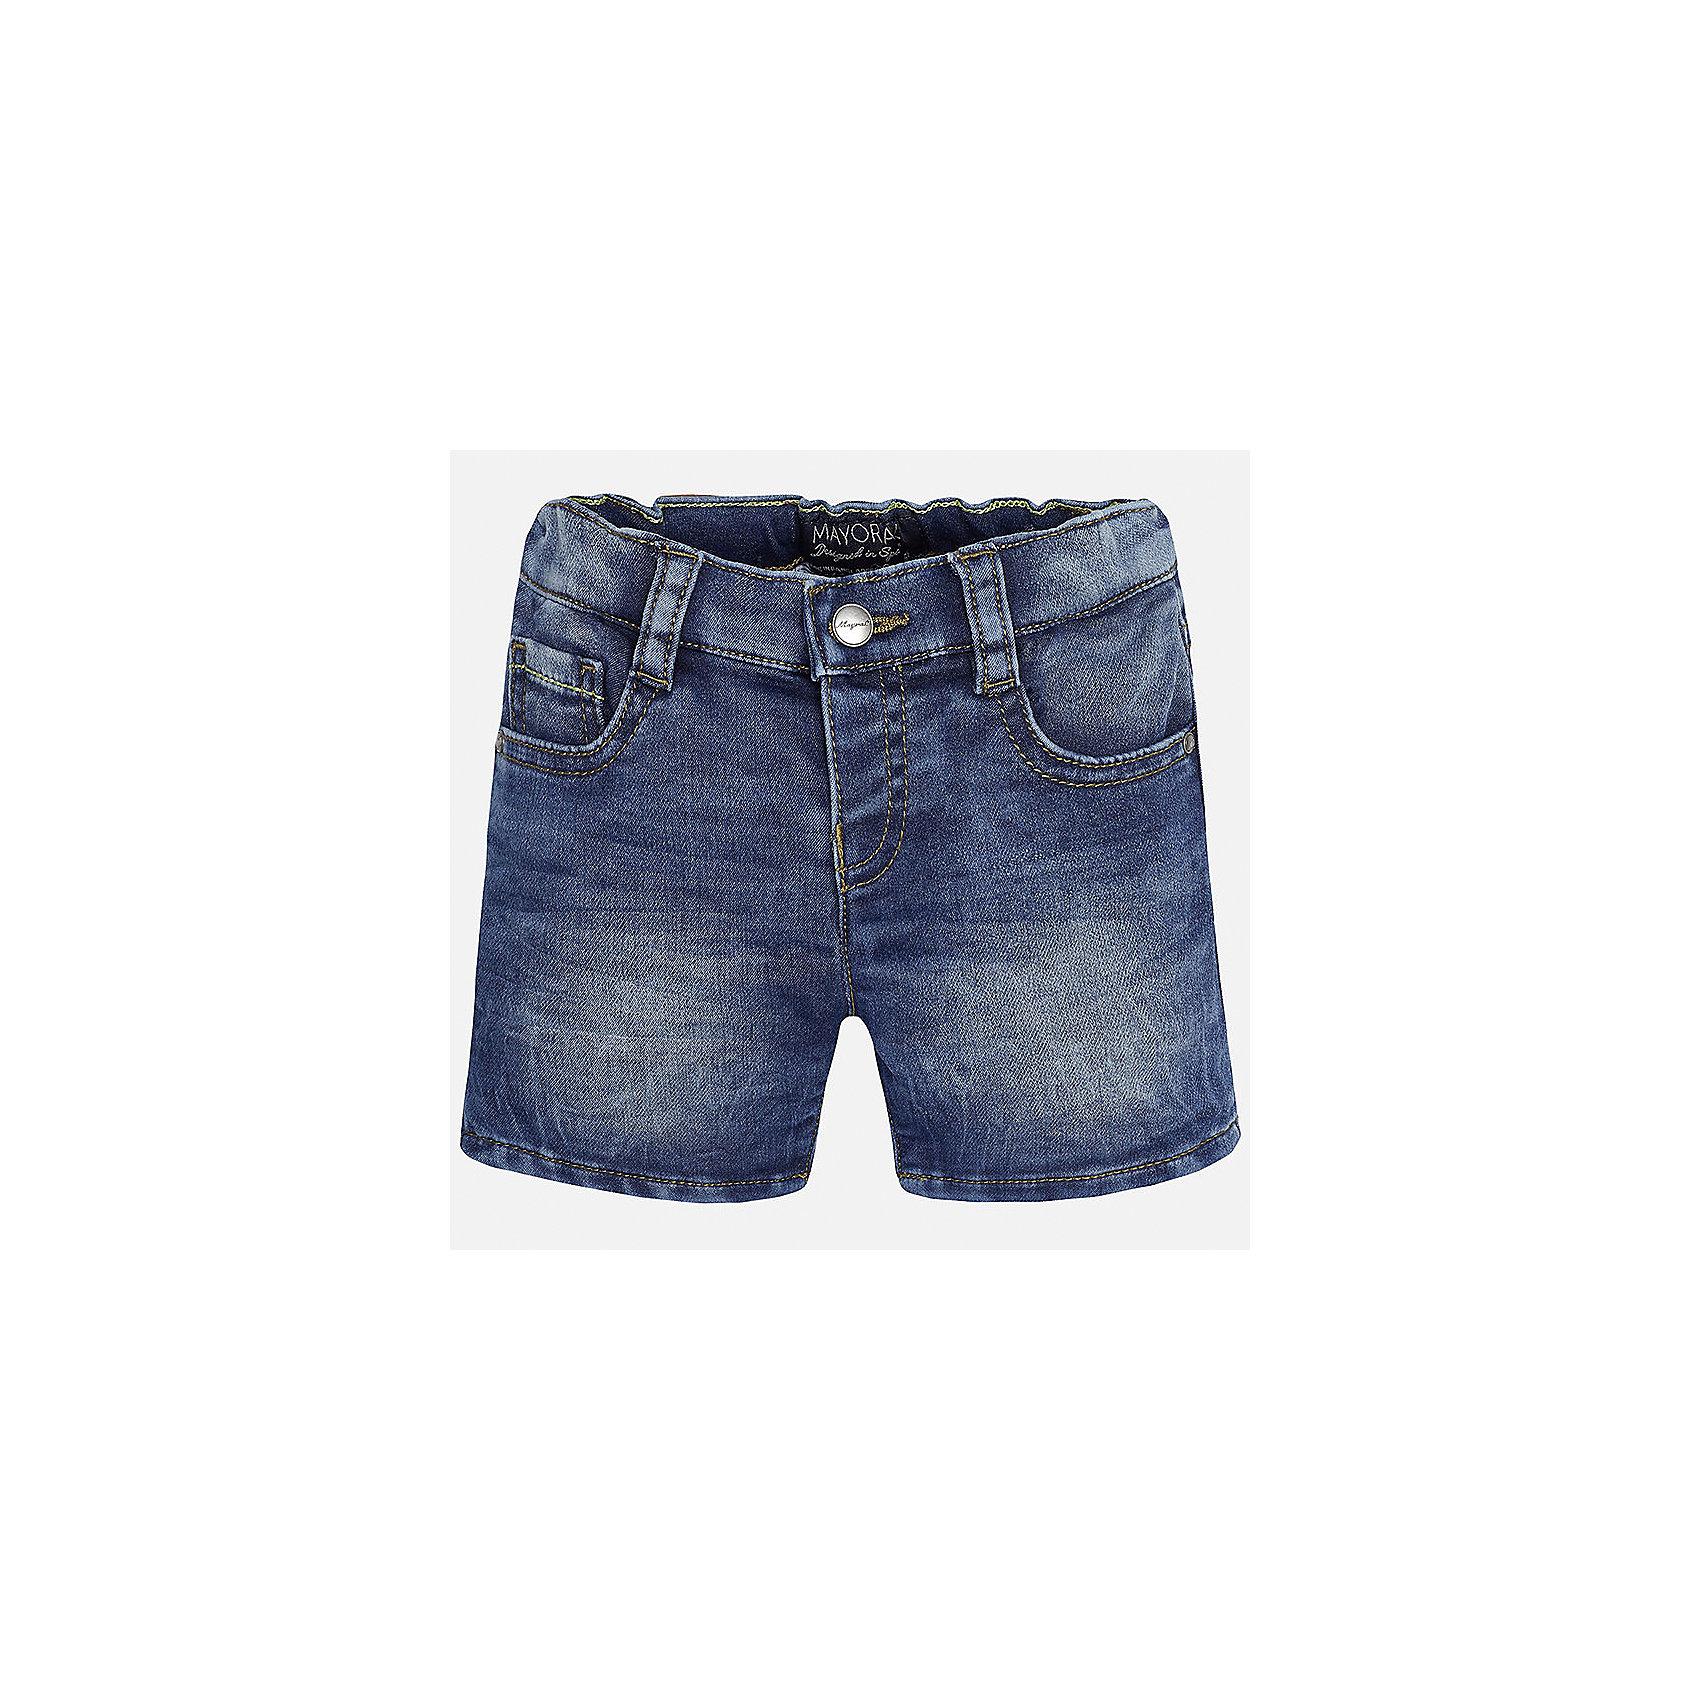 Бриджи джинсовые для мальчика MayoralДжинсовая одежда<br>Характеристики товара:<br><br>• цвет: синий<br>• состав: 52% хлопок, 47% полиэстер, 1% эластан<br>• шлевки<br>• карманы<br>• пояс с регулировкой объема<br>• эффект потертости<br>• страна бренда: Испания<br><br>Модные бриджи для мальчика смогут стать базовой вещью в гардеробе ребенка. Они отлично сочетаются с майками, футболками, рубашками и т.д. Универсальный крой и цвет позволяет подобрать к вещи верх разных расцветок. Практичное и стильное изделие! В составе материала - натуральный хлопок, гипоаллергенный, приятный на ощупь, дышащий.<br><br>Одежда, обувь и аксессуары от испанского бренда Mayoral полюбились детям и взрослым по всему миру. Модели этой марки - стильные и удобные. Для их производства используются только безопасные, качественные материалы и фурнитура. Порадуйте ребенка модными и красивыми вещами от Mayoral! <br><br>Бриджи для мальчика от испанского бренда Mayoral (Майорал) можно купить в нашем интернет-магазине.<br><br>Ширина мм: 191<br>Глубина мм: 10<br>Высота мм: 175<br>Вес г: 273<br>Цвет: синий<br>Возраст от месяцев: 12<br>Возраст до месяцев: 15<br>Пол: Мужской<br>Возраст: Детский<br>Размер: 80,92,86<br>SKU: 5279495